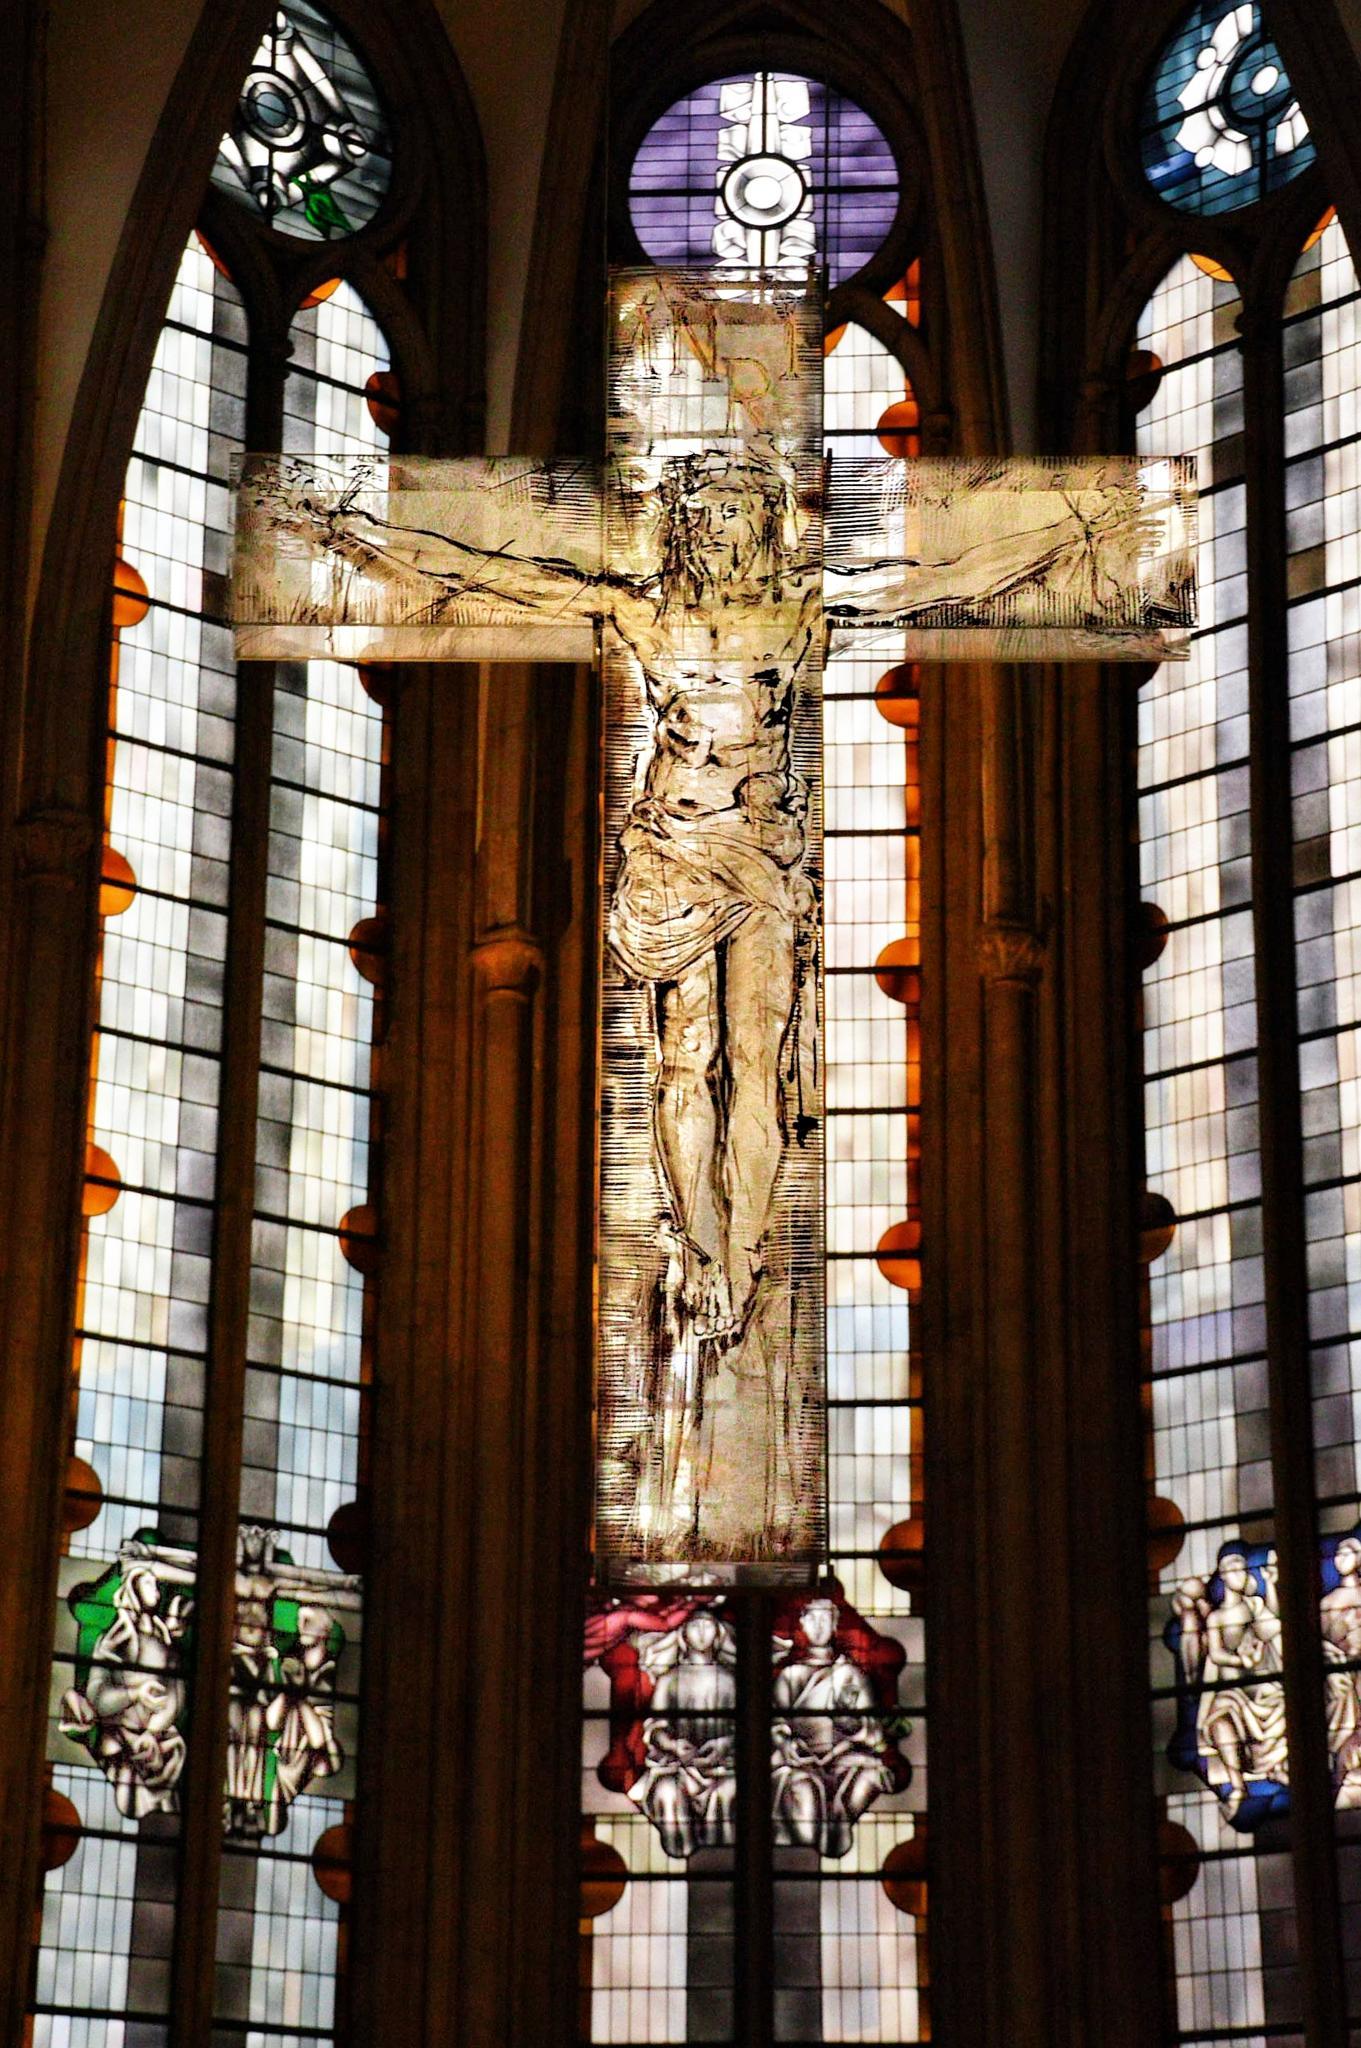 Das gläserne Kreuz in der menoritenkirche in Köln / The glass cross in the menoritenchurch in Cologn by RoPaFue